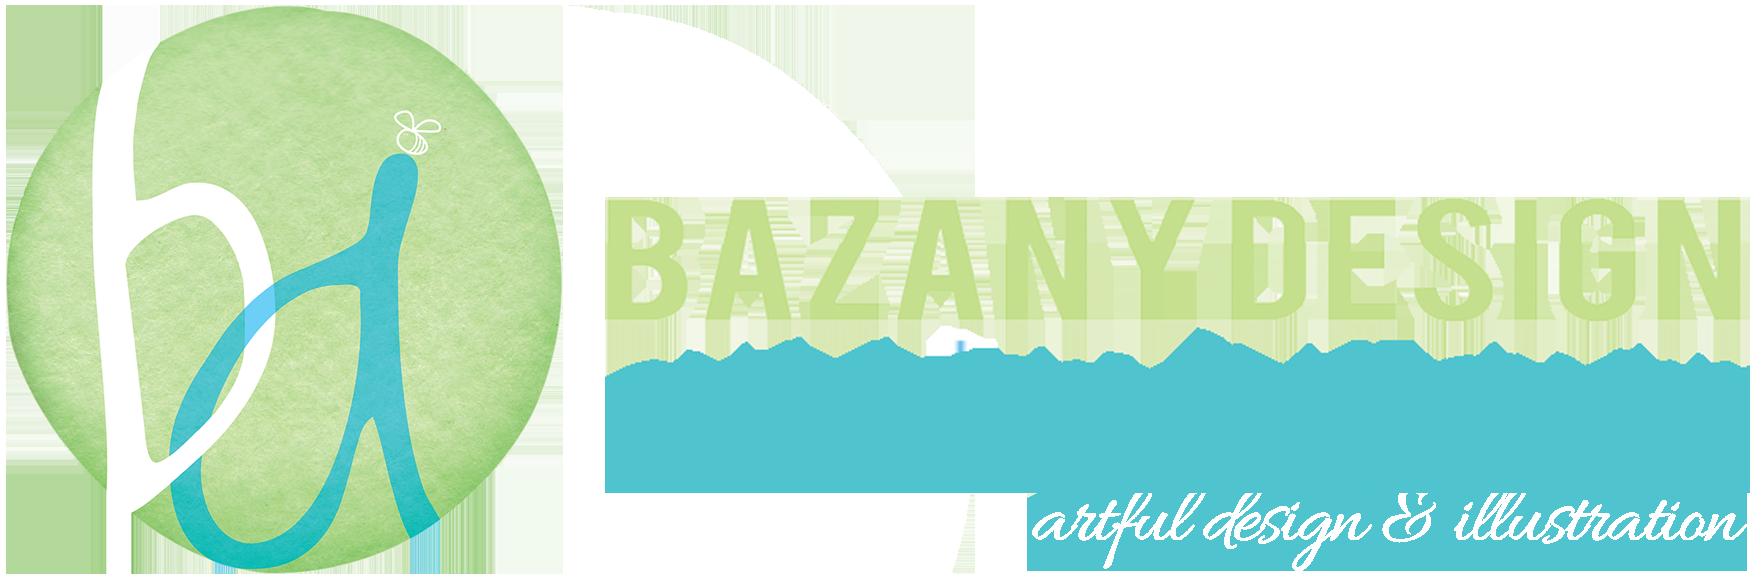 Sheri Bazany